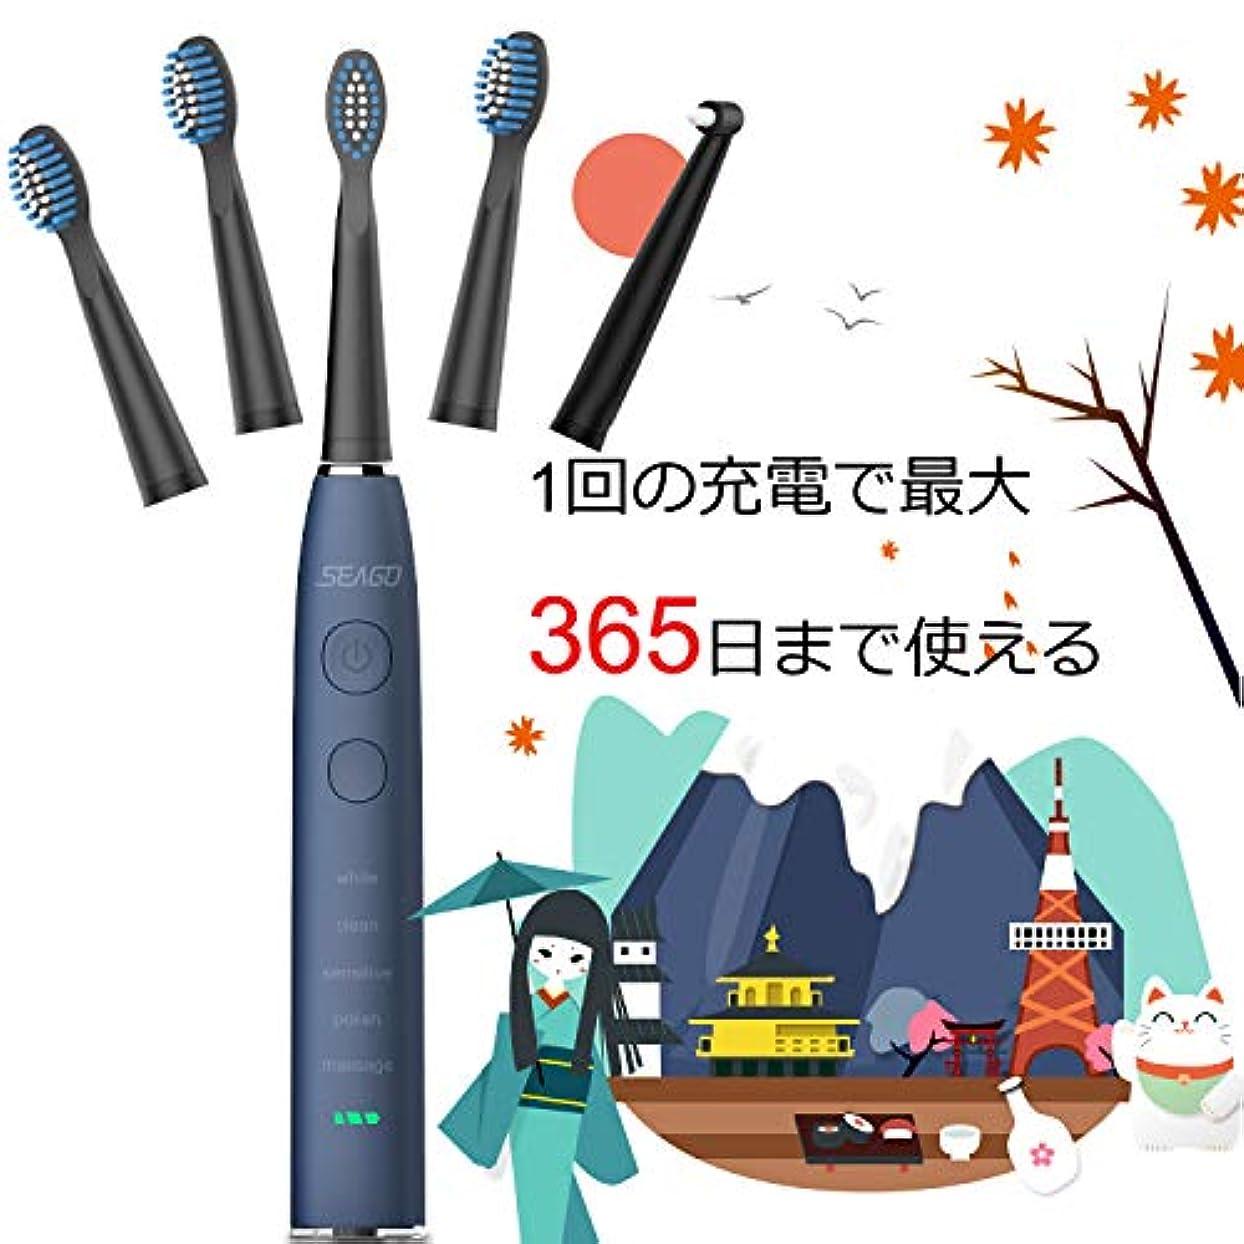 村暗記する散逸電動歯ブラシ 歯ブラシ seago 音波歯ブラシ USB充電式8時間 365日に使用 IPX7防水 五つモードと2分オートタイマー機能搭載 替えブラシ5本 12ヶ月メーカー保証 SG-575(ブルー)